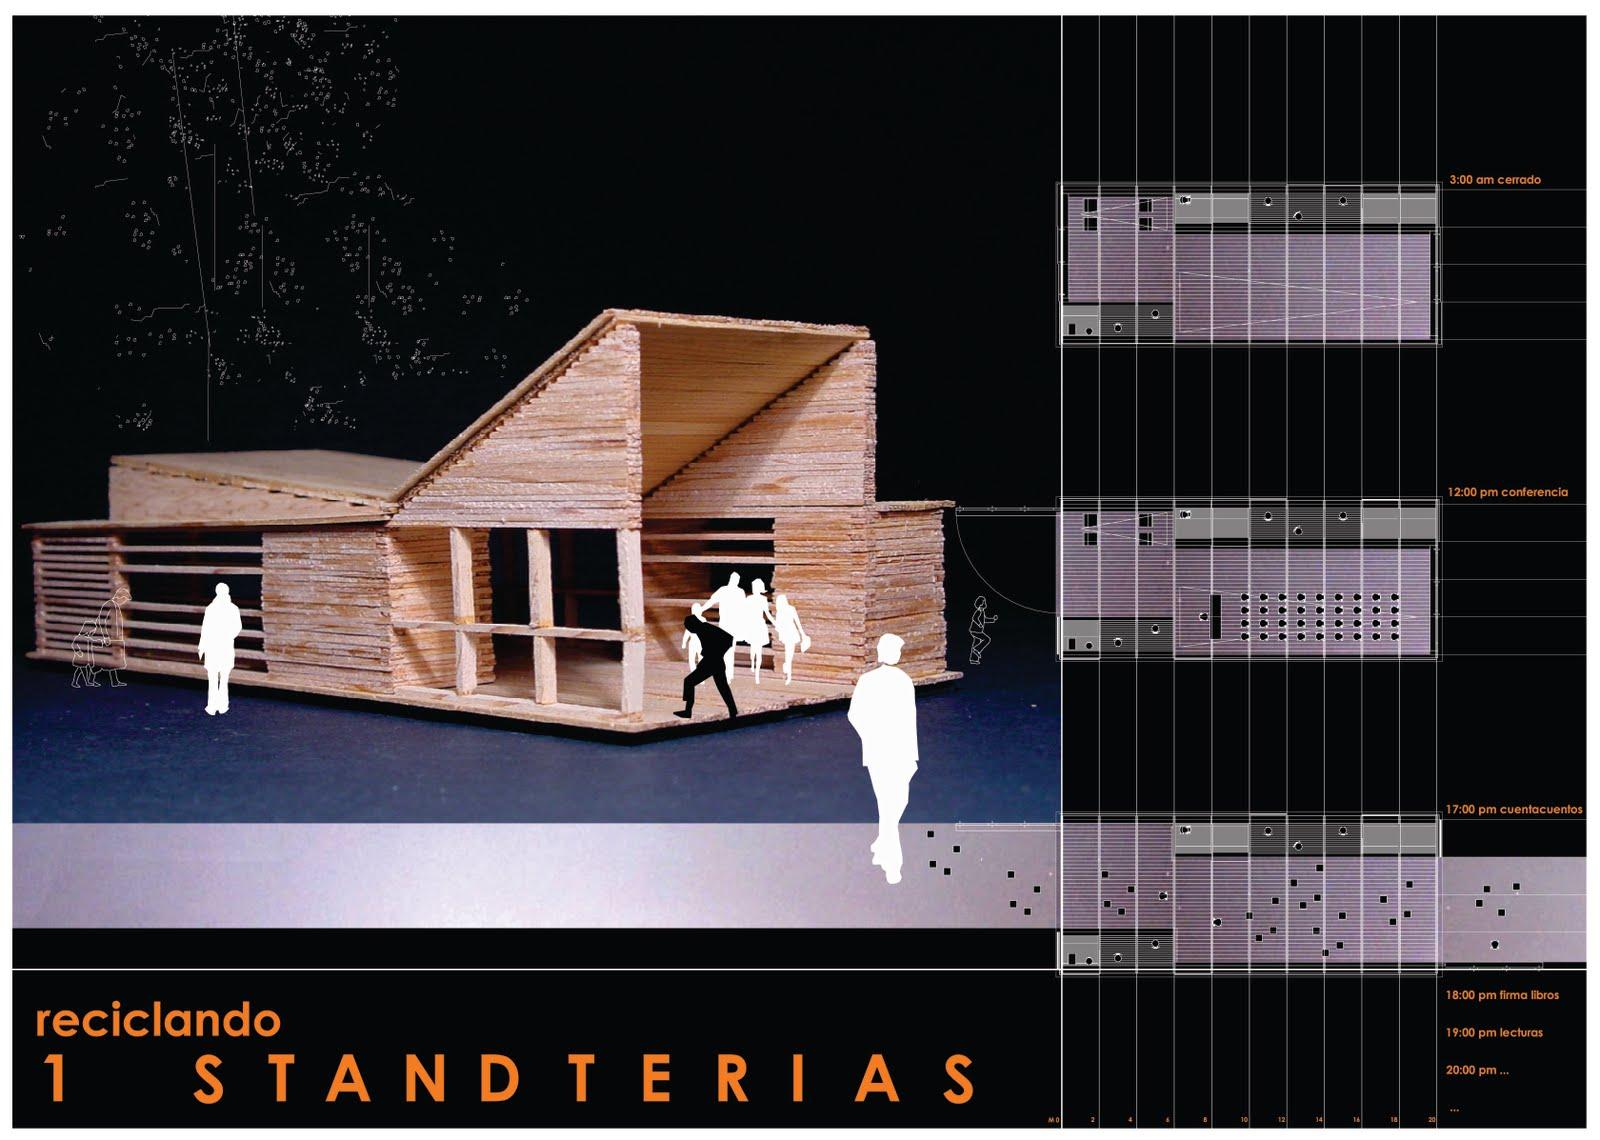 Reciclando standterias dg arquitecto valencia - Trabajo arquitecto valencia ...